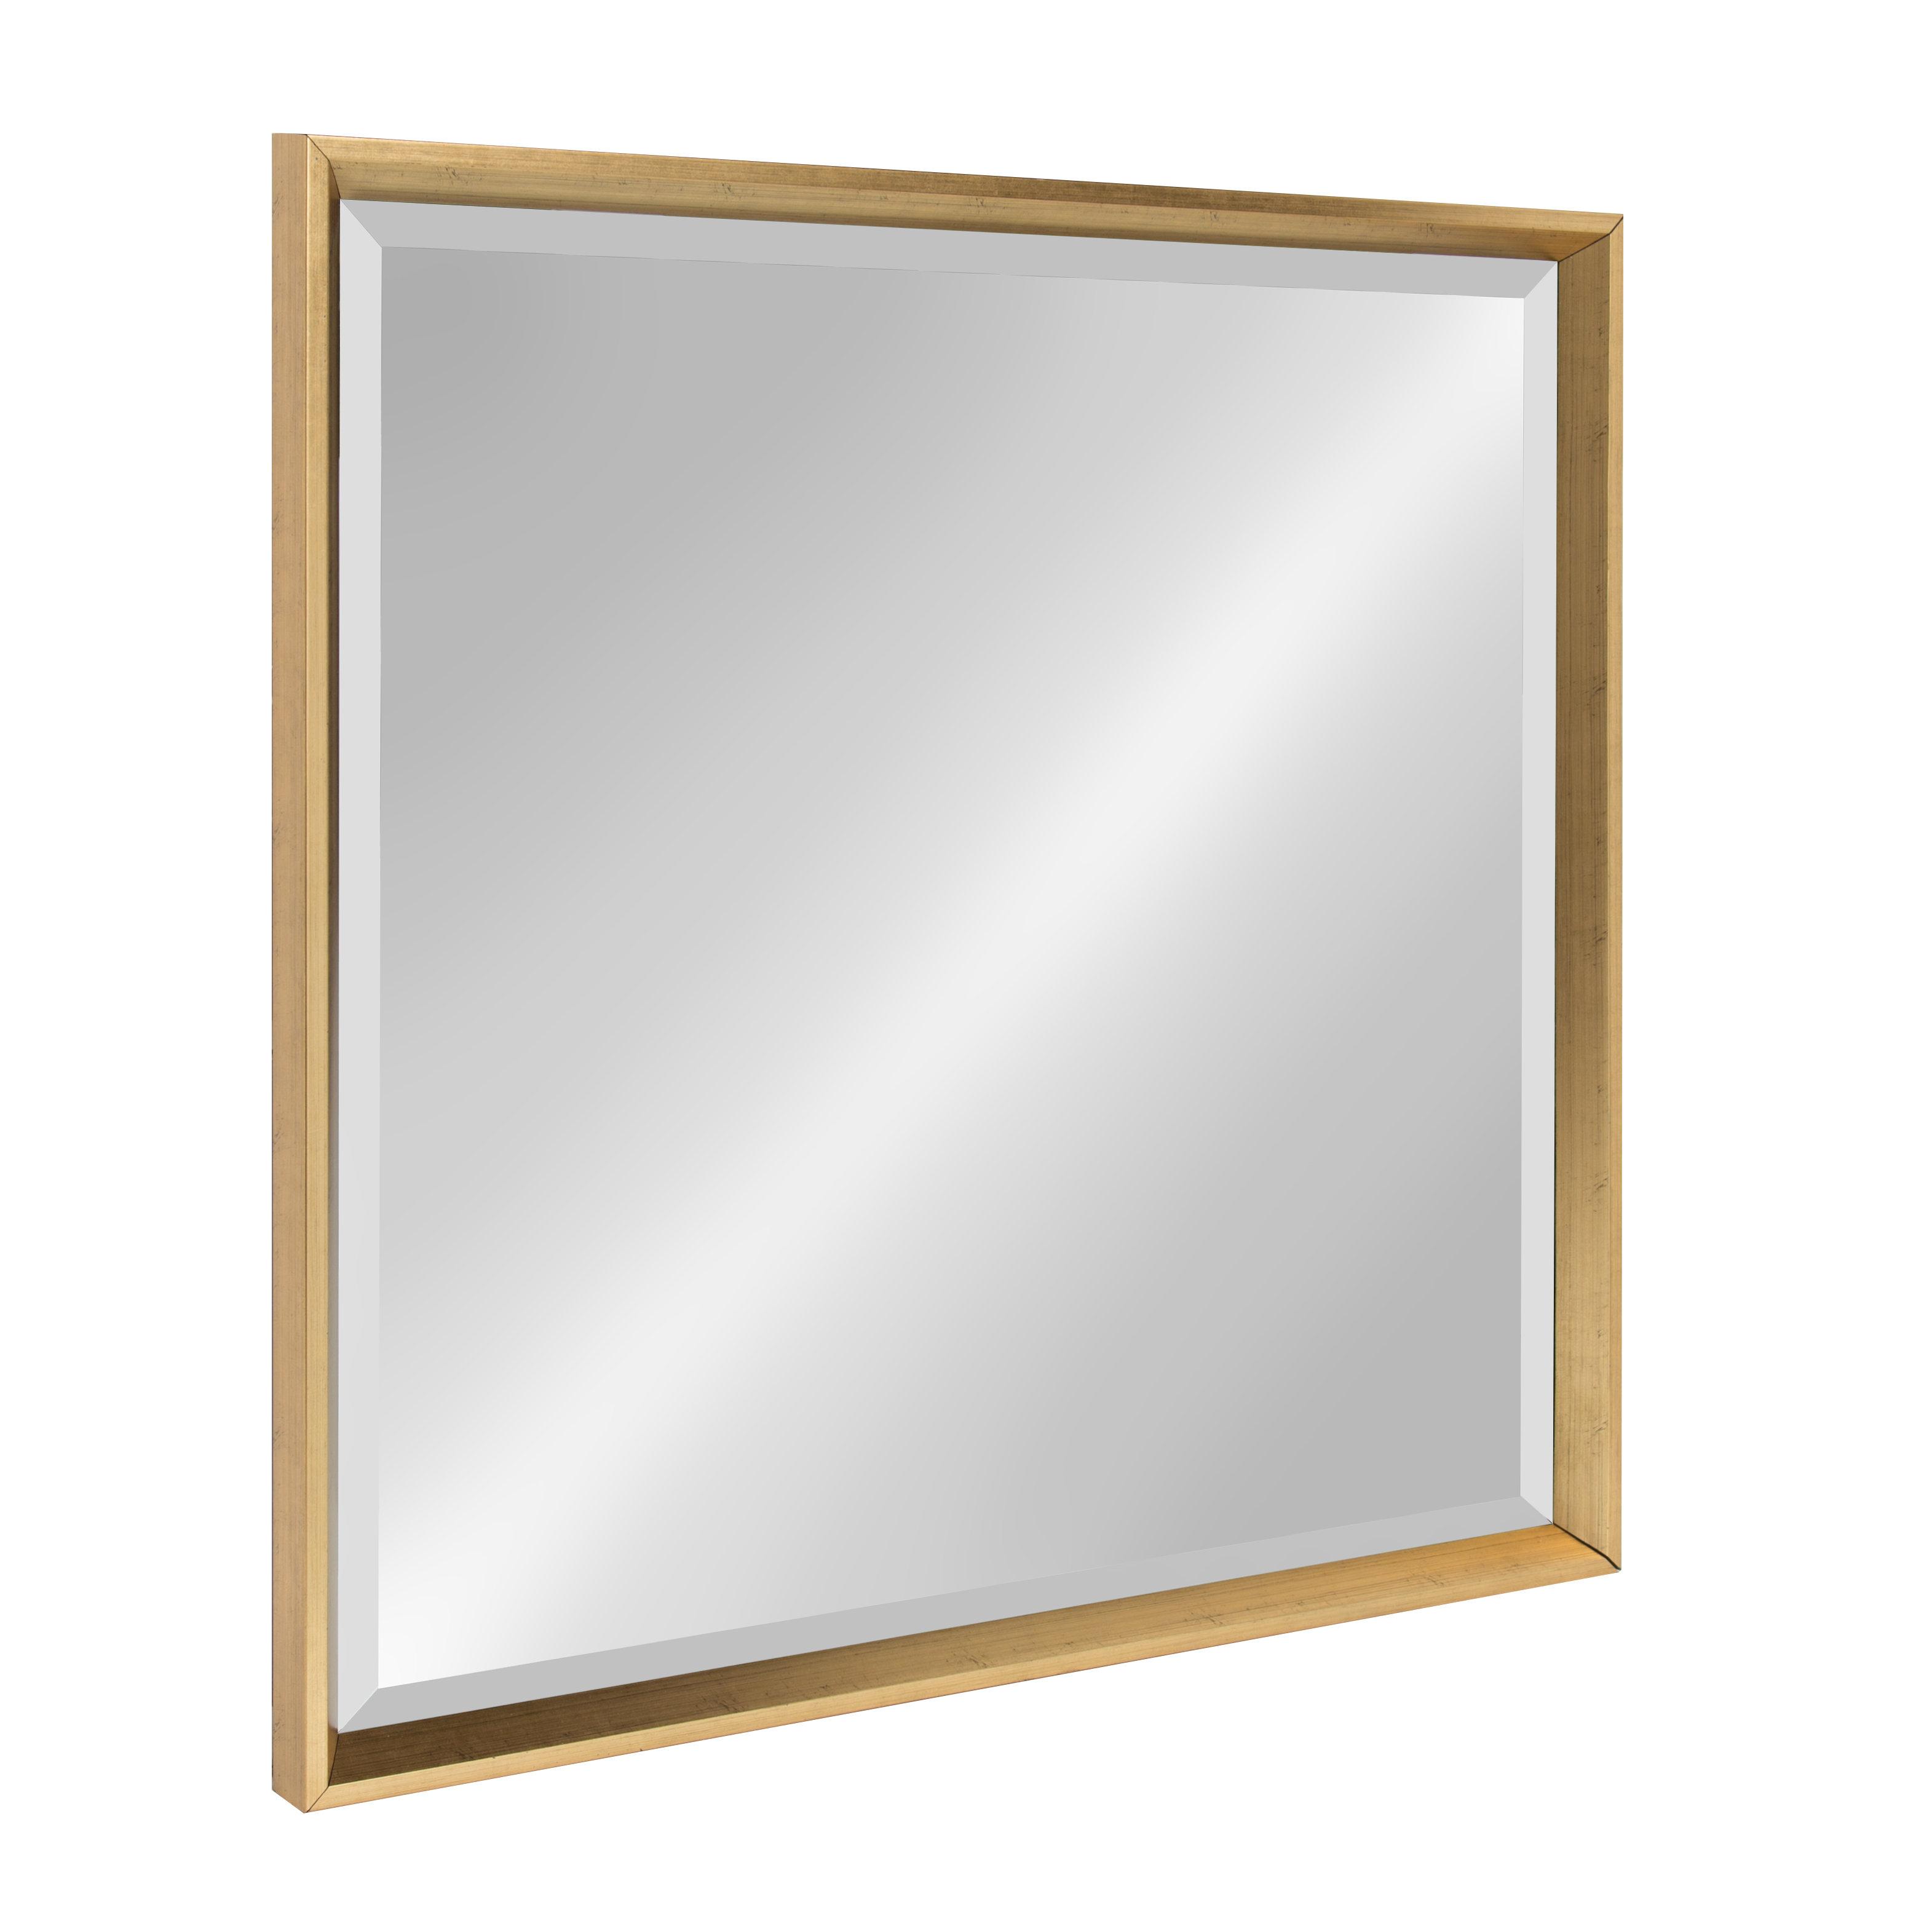 Greyleigh Sundown Framed Glam Beveled Accent Mirror With Shildon Beveled Accent Mirrors (View 17 of 20)